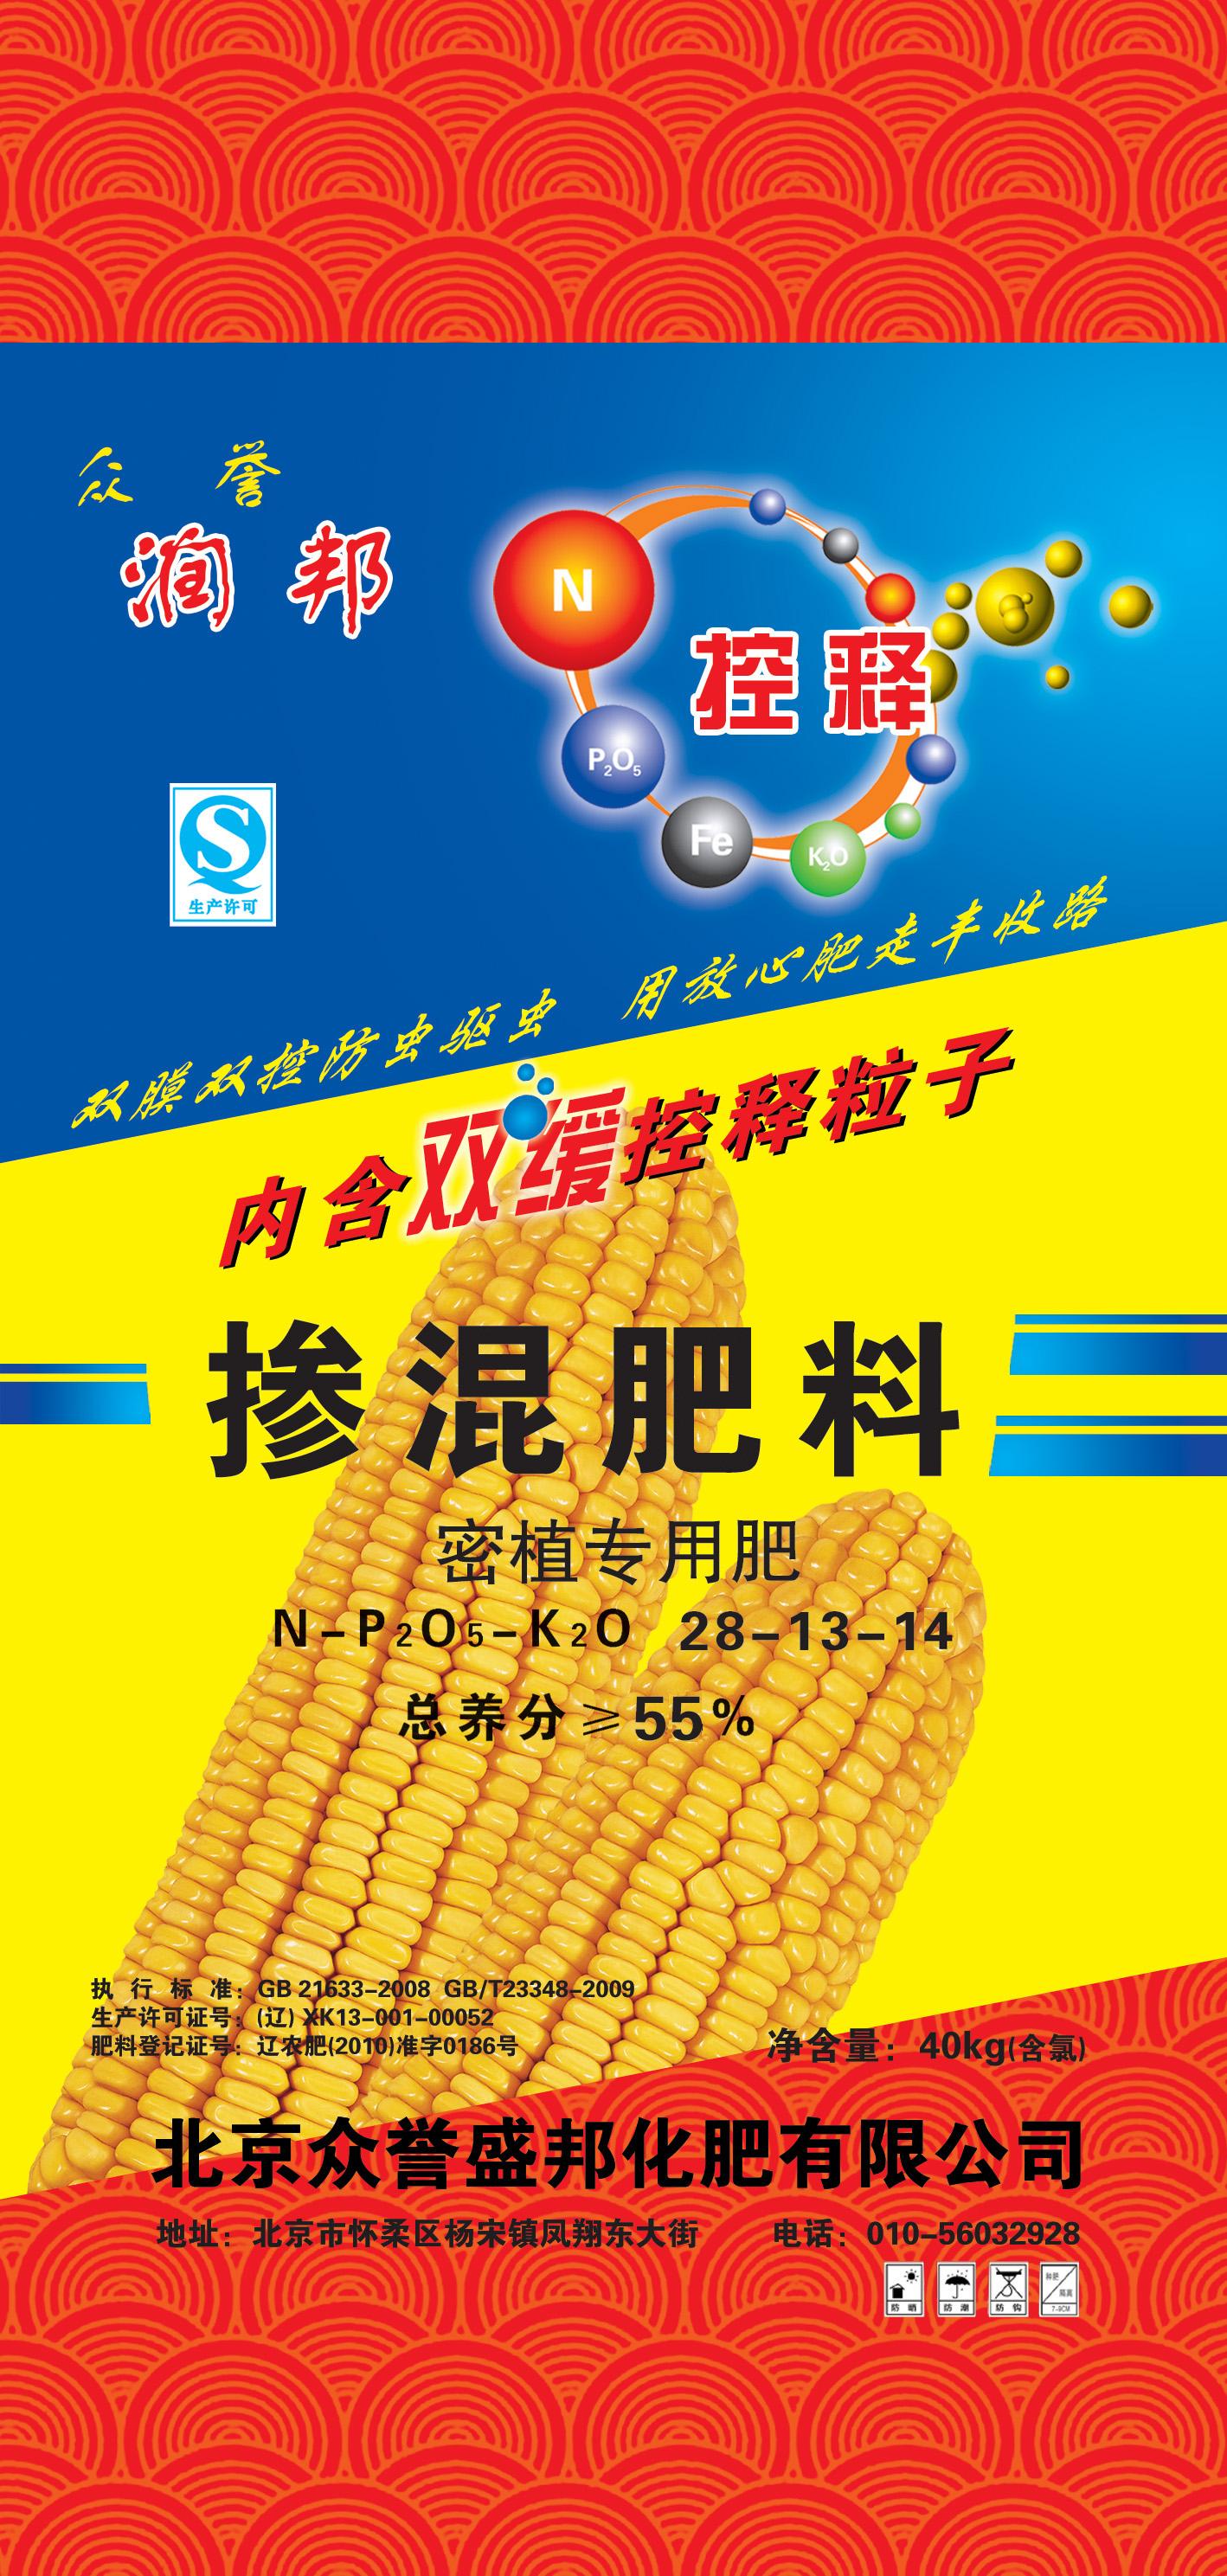 众誉润邦控释内含双缓控释粒子 防虫驱虫 密植专用肥 北京众誉盛邦化肥有限公司55(40kg)